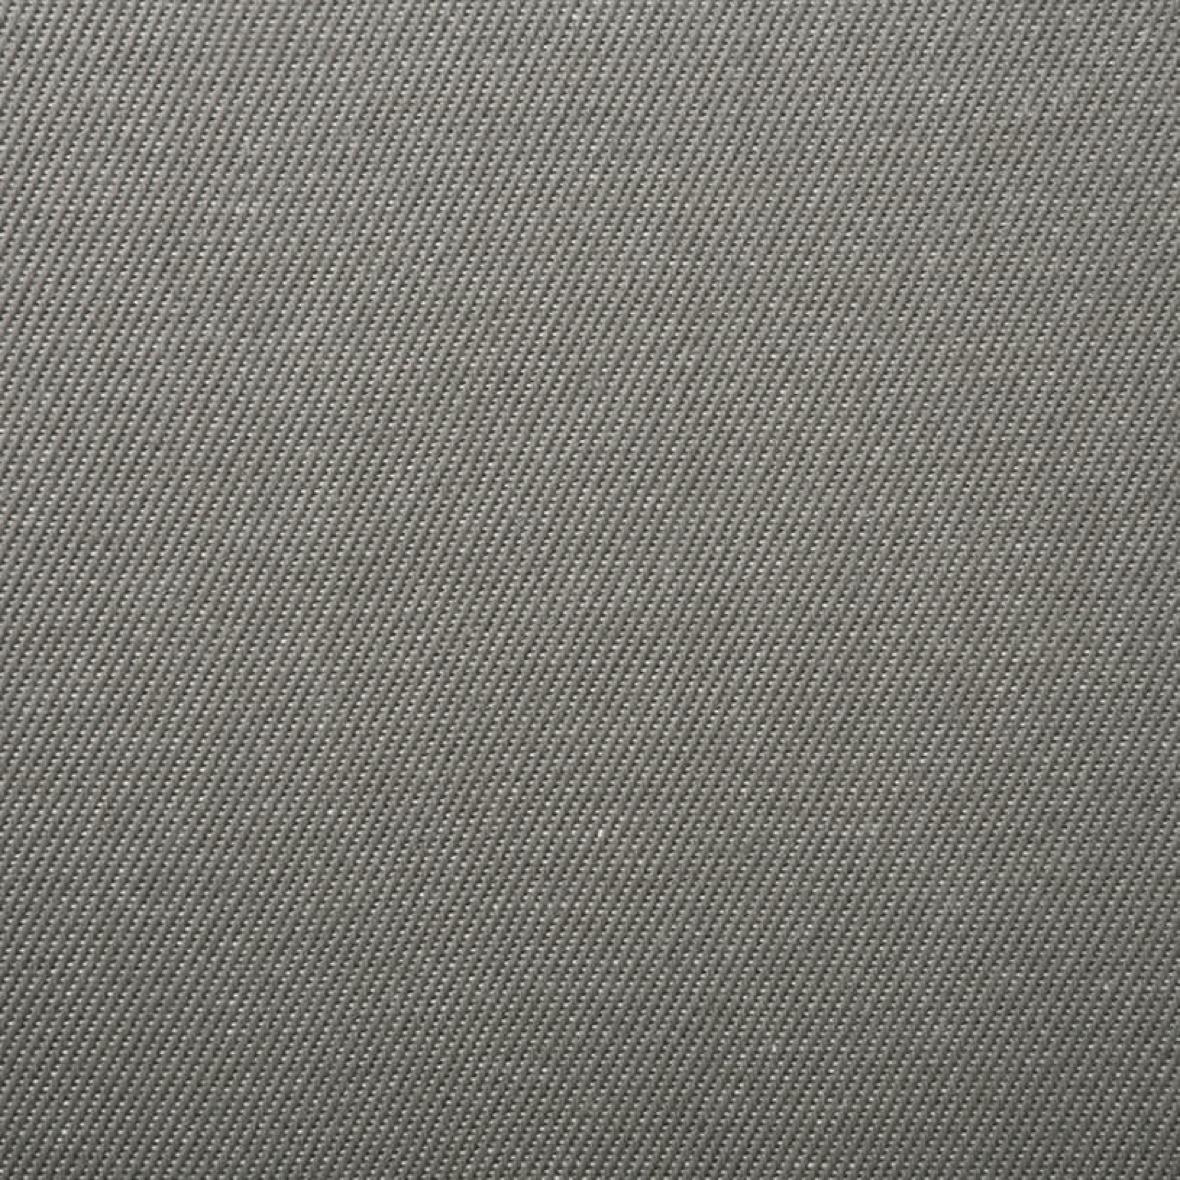 G-1043 ドレープKA 2.0 L 300*160 形態安定加工2.0倍ヒダ オーダーカーテン0